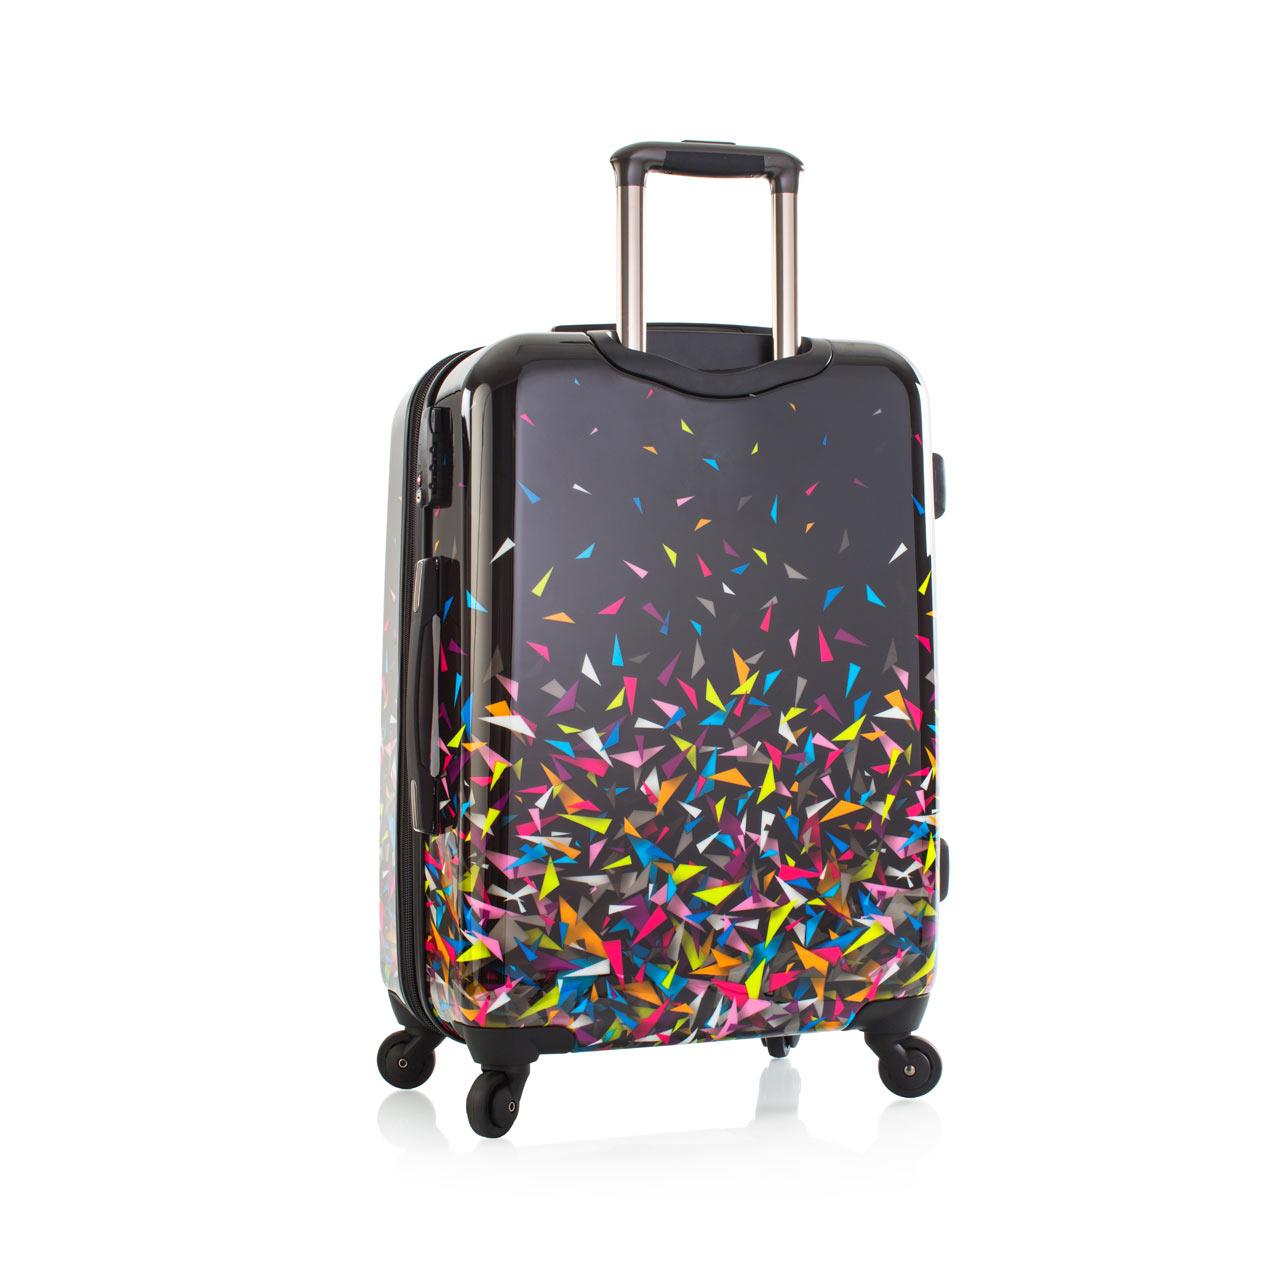 Karim-Rashid-Heys-Supernova-Luggage-5